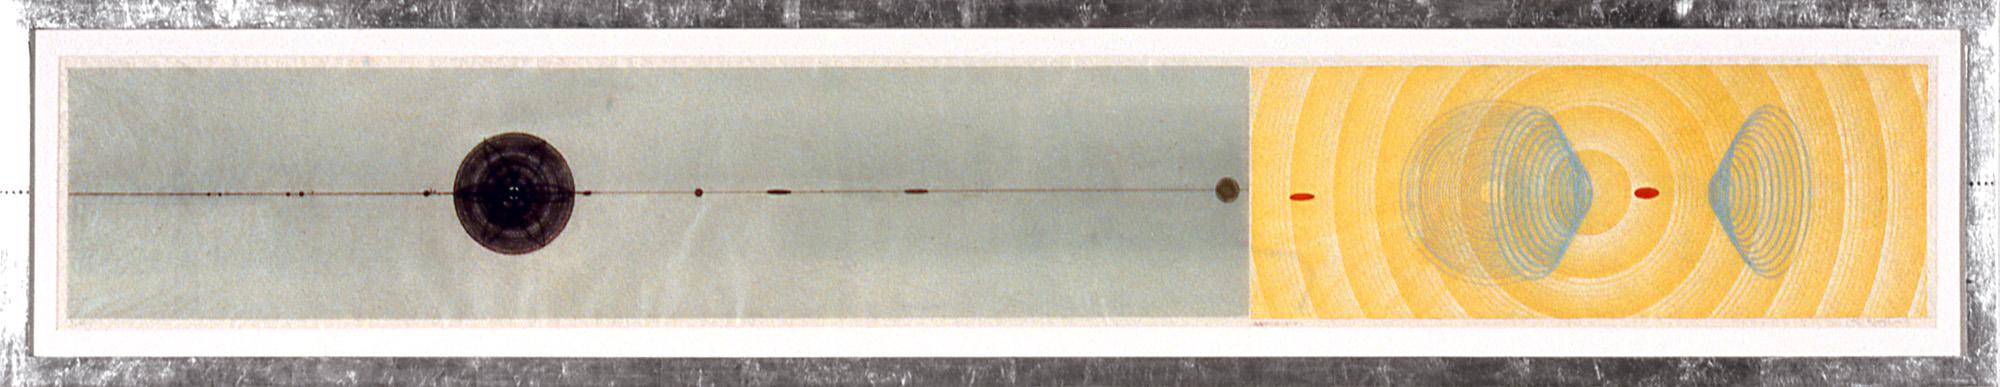 Ar-oo-mm, 1996